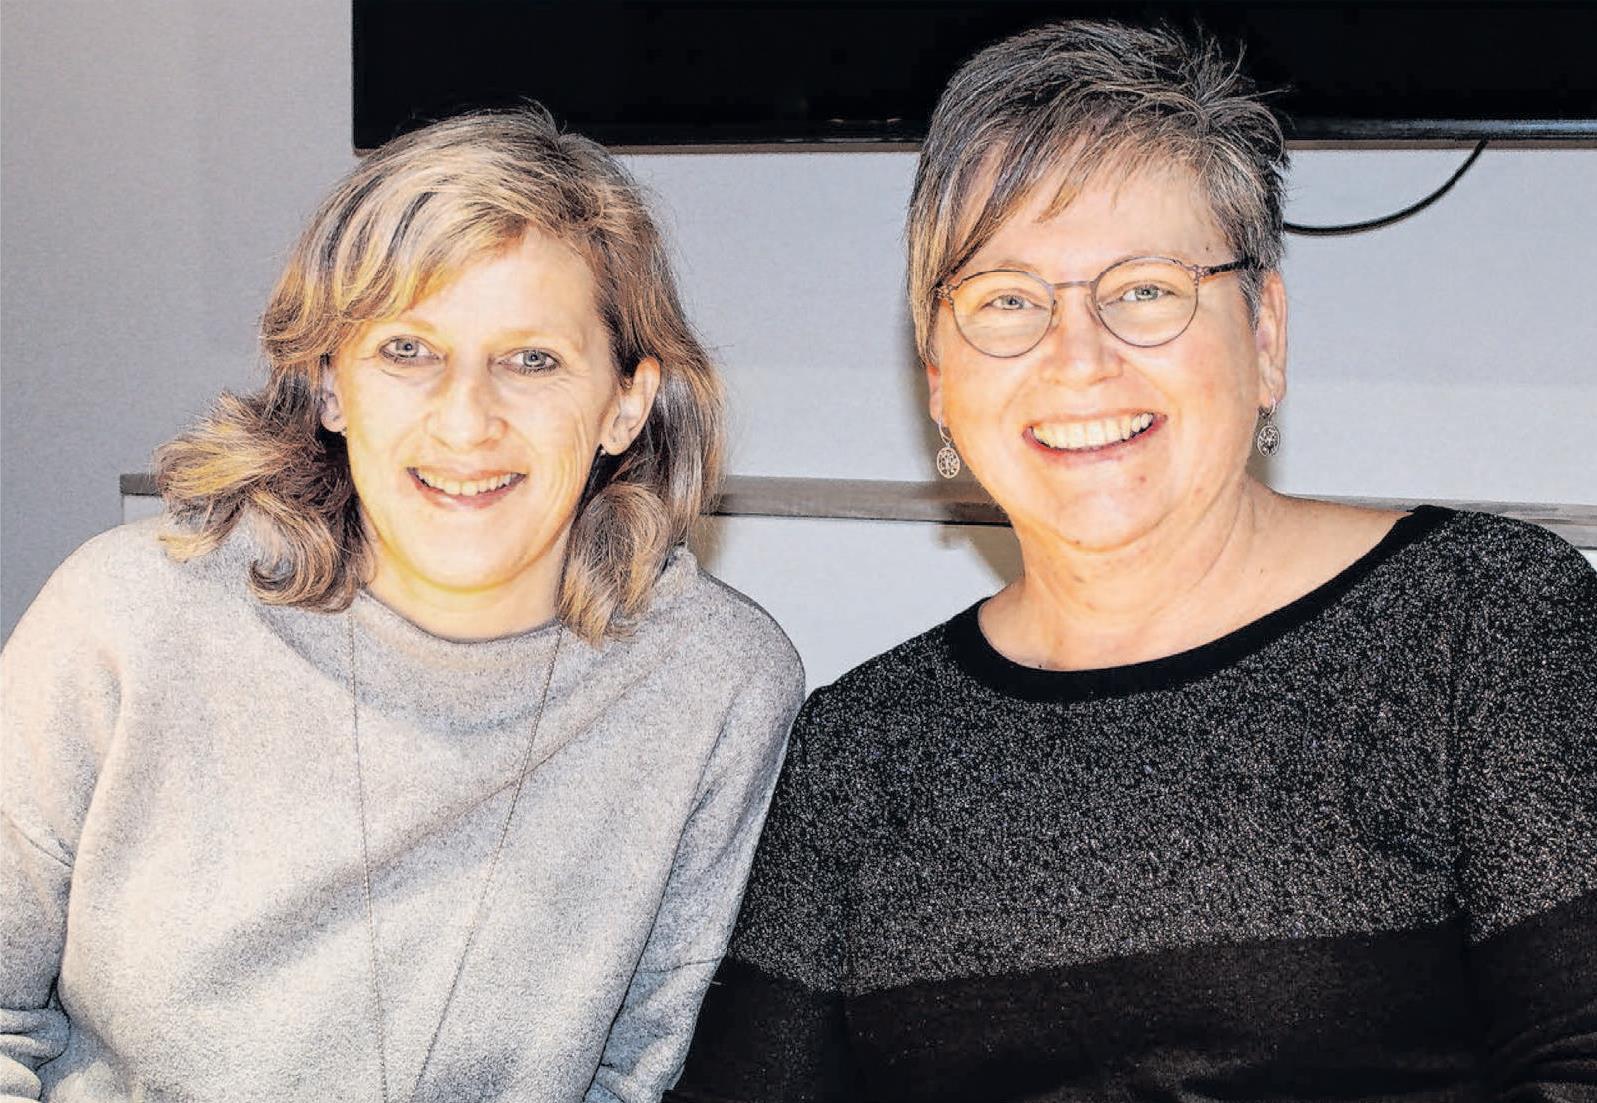 Das Vorstandsduo Ulrike Stoll-Dyma (links) und Katja Kohler will seinen scheidenden Dirigenten Bernd Haid am Sonntag würdig verabschieden. Foto: Sabine Hege